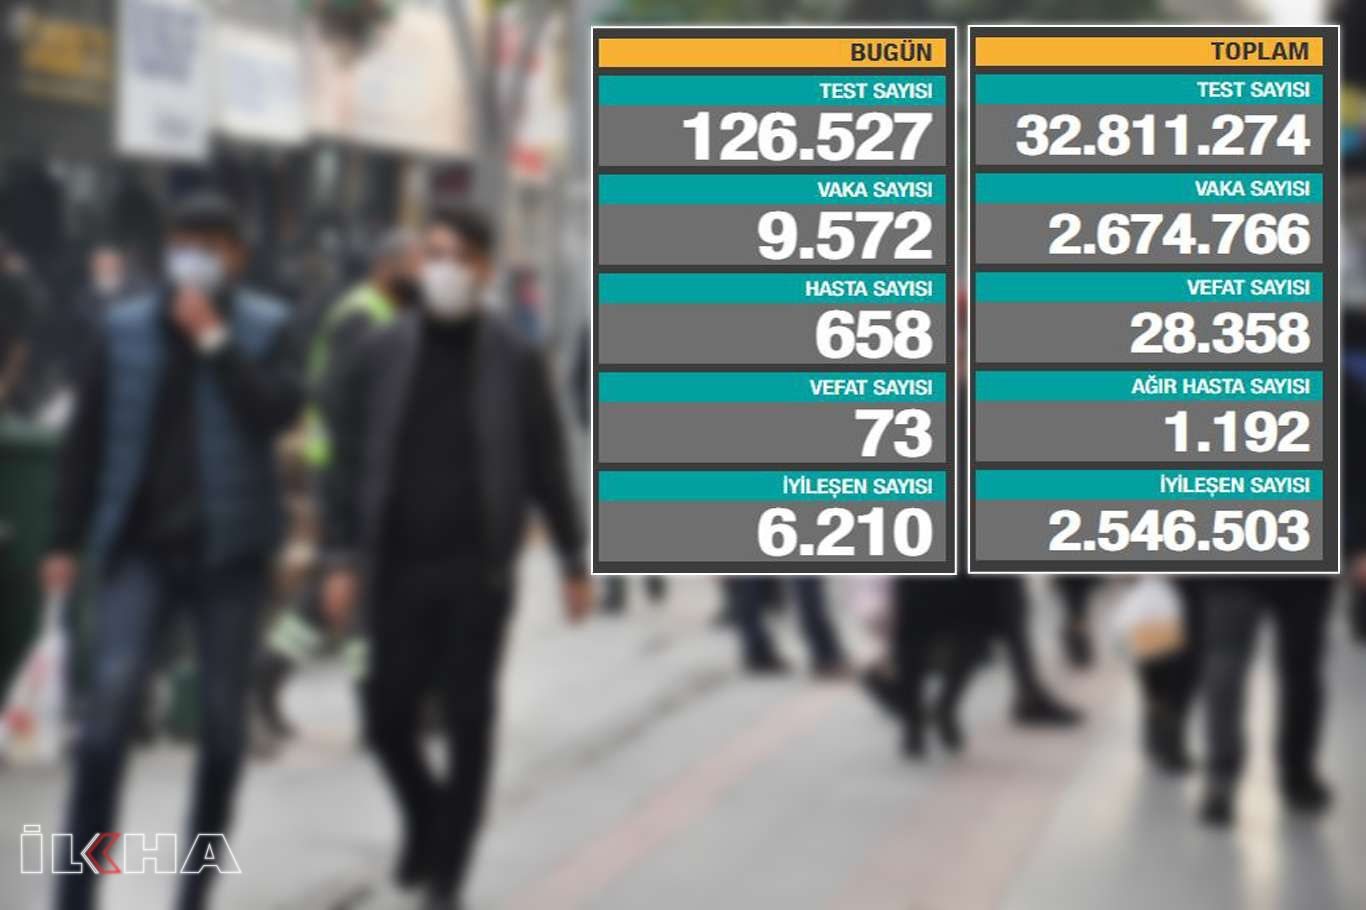 Türkiyede son 24 saatte 73 can kaybı 9 bin 572 Coronavirus vakası tespit edildi